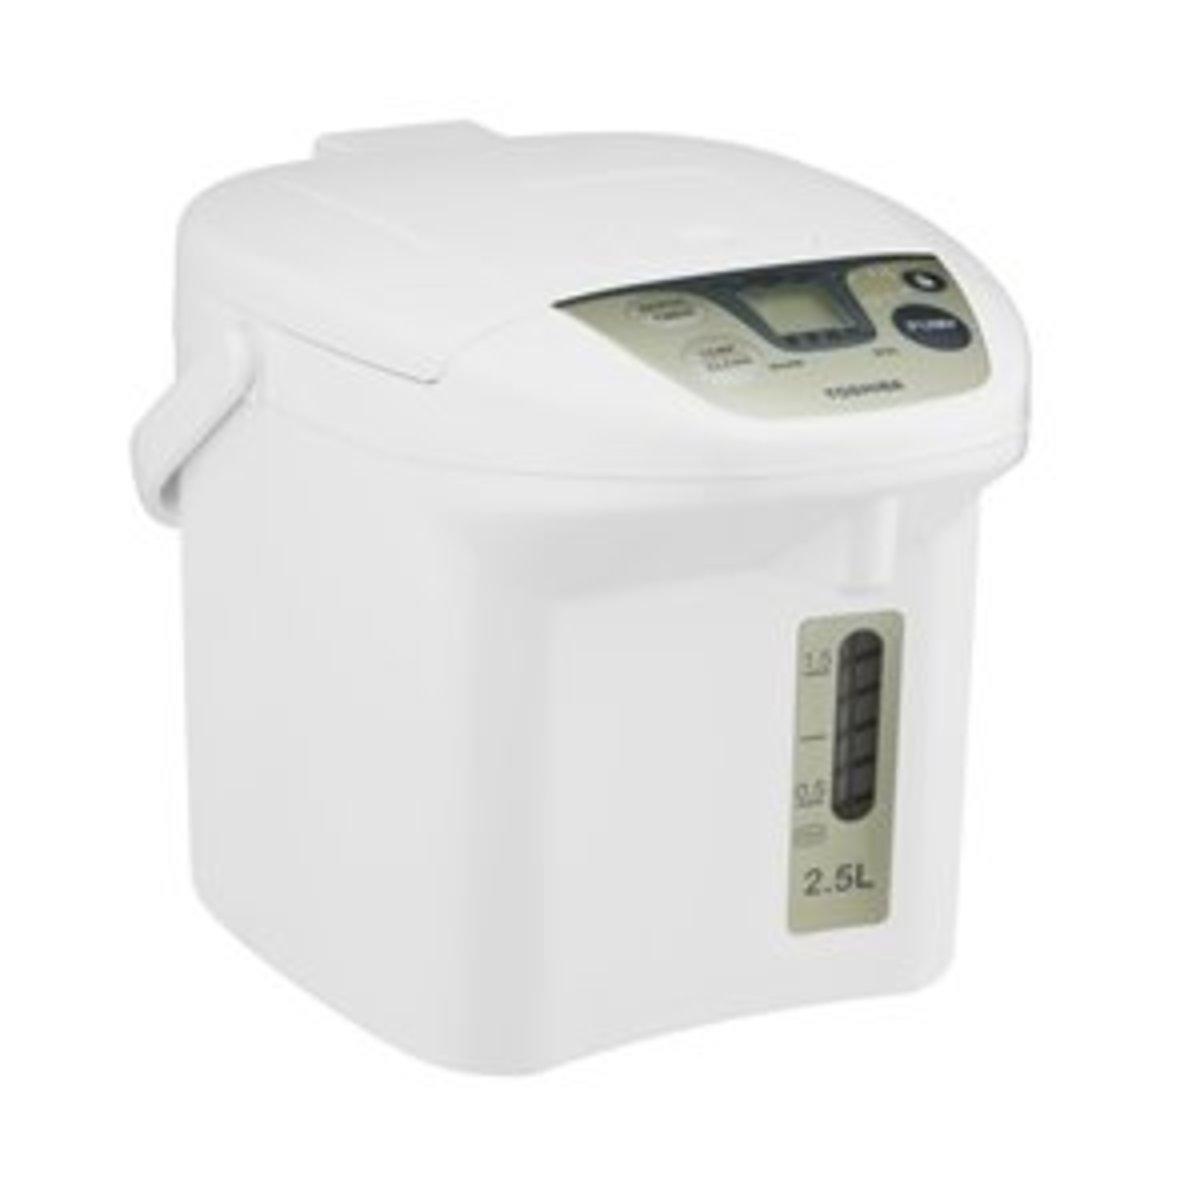 PLK-25FLIH Hot Pot (2.5L)